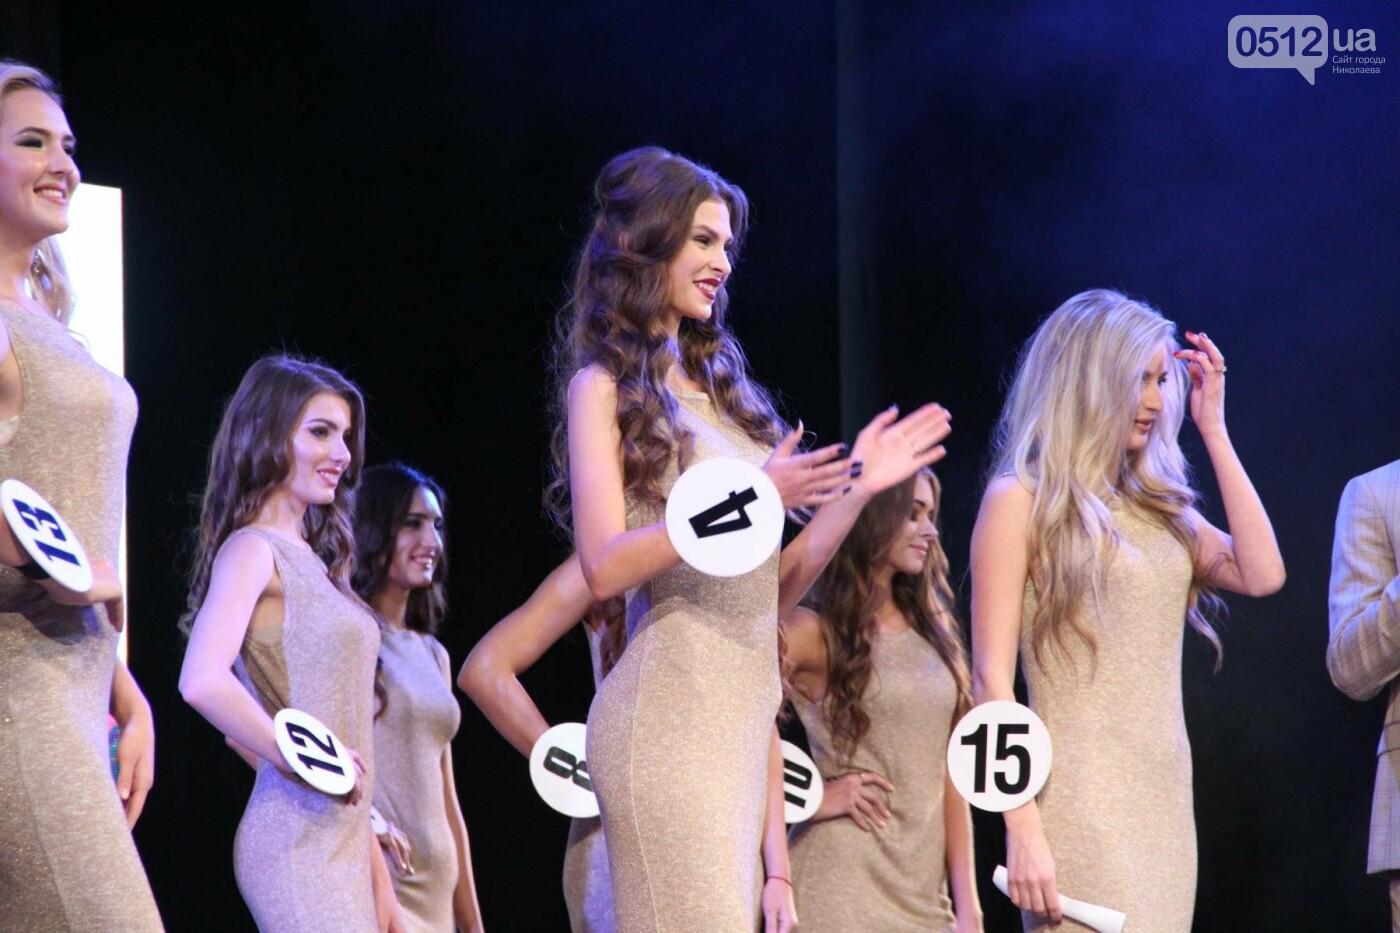 В Николаеве на конкурсе «Miss Top model Ukraine» выбрали самую красивую модель в Украине, - ФОТО, фото-14